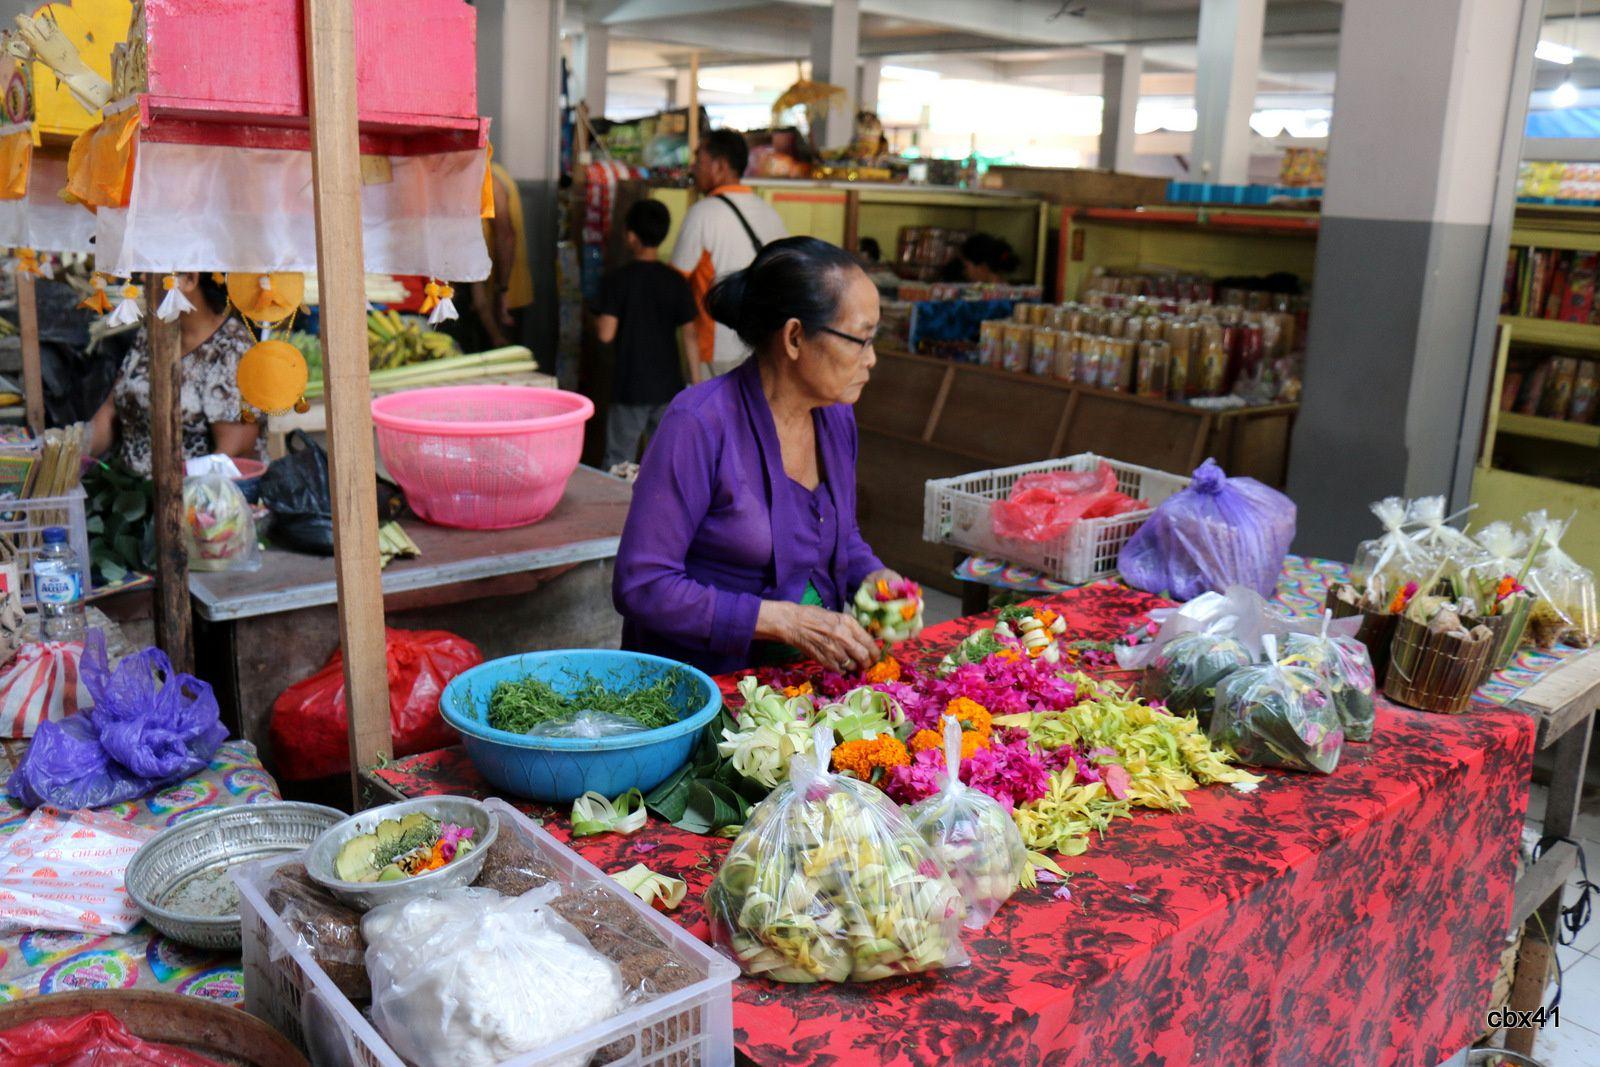 Banjar (Bali), commerces de fruits et légumes